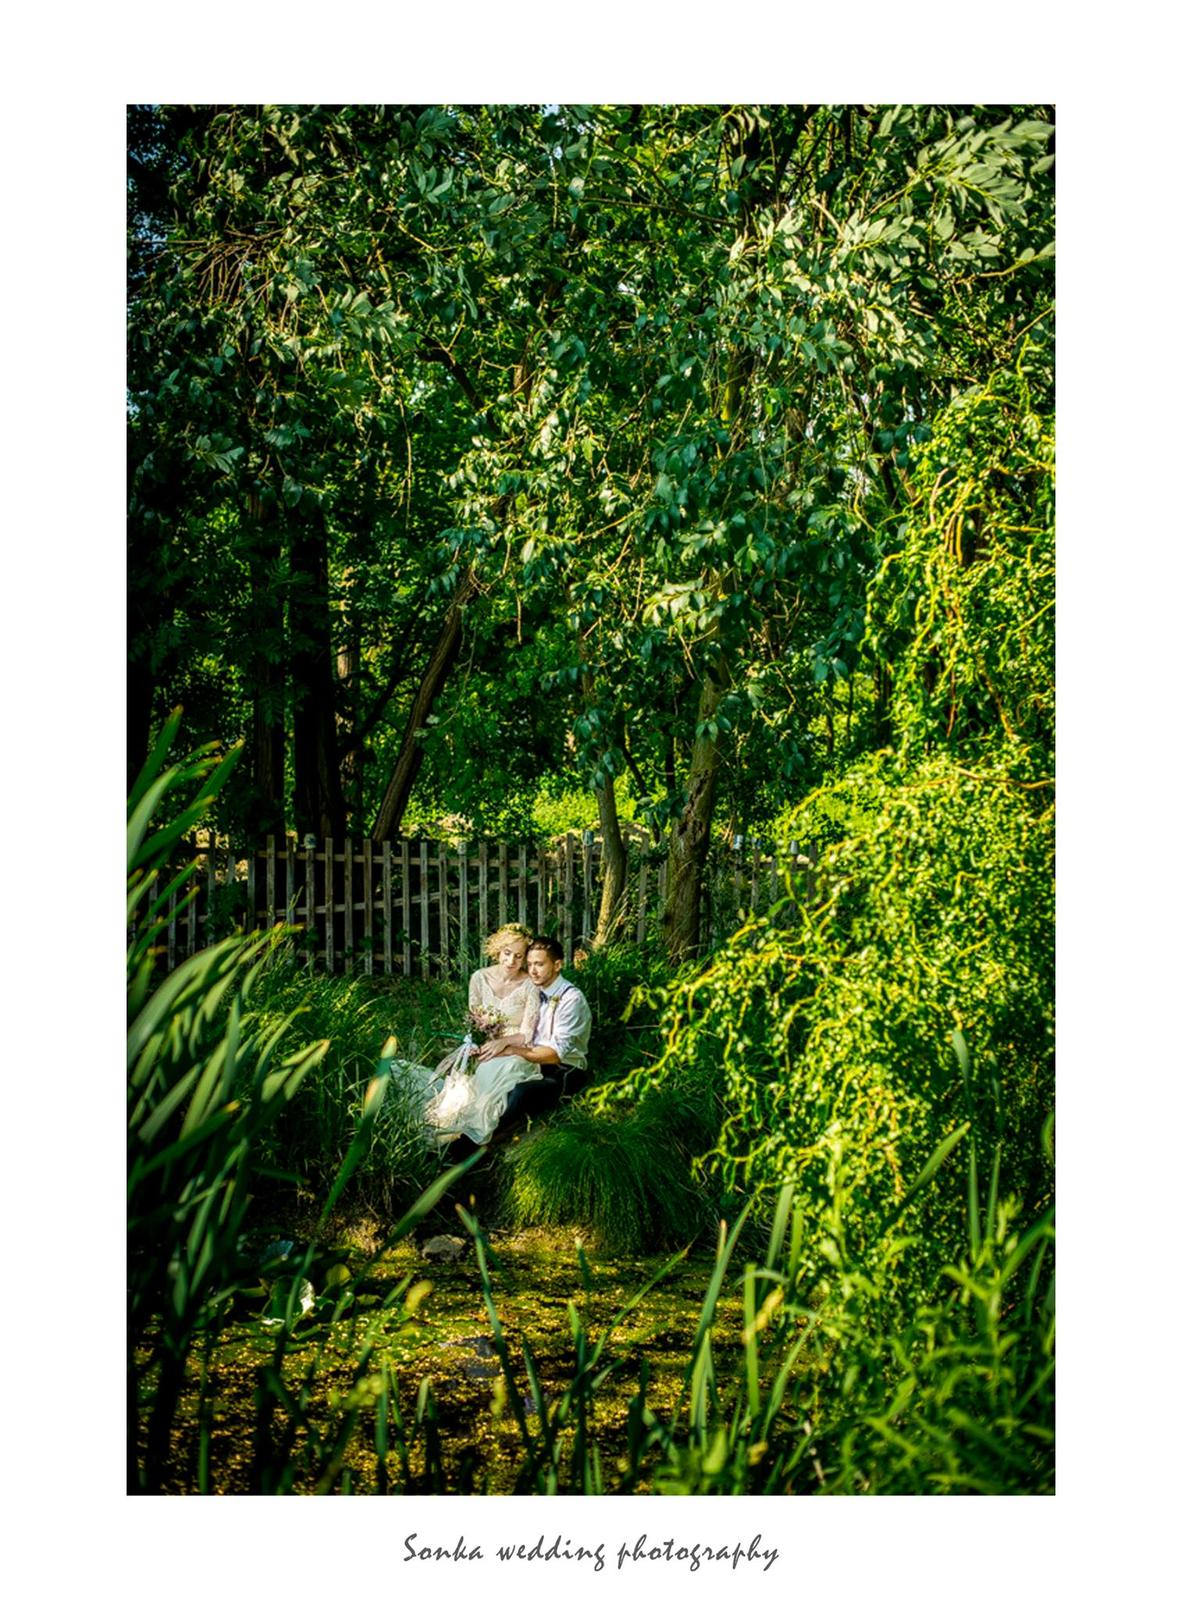 Wedding photography - Obrázek č. 38